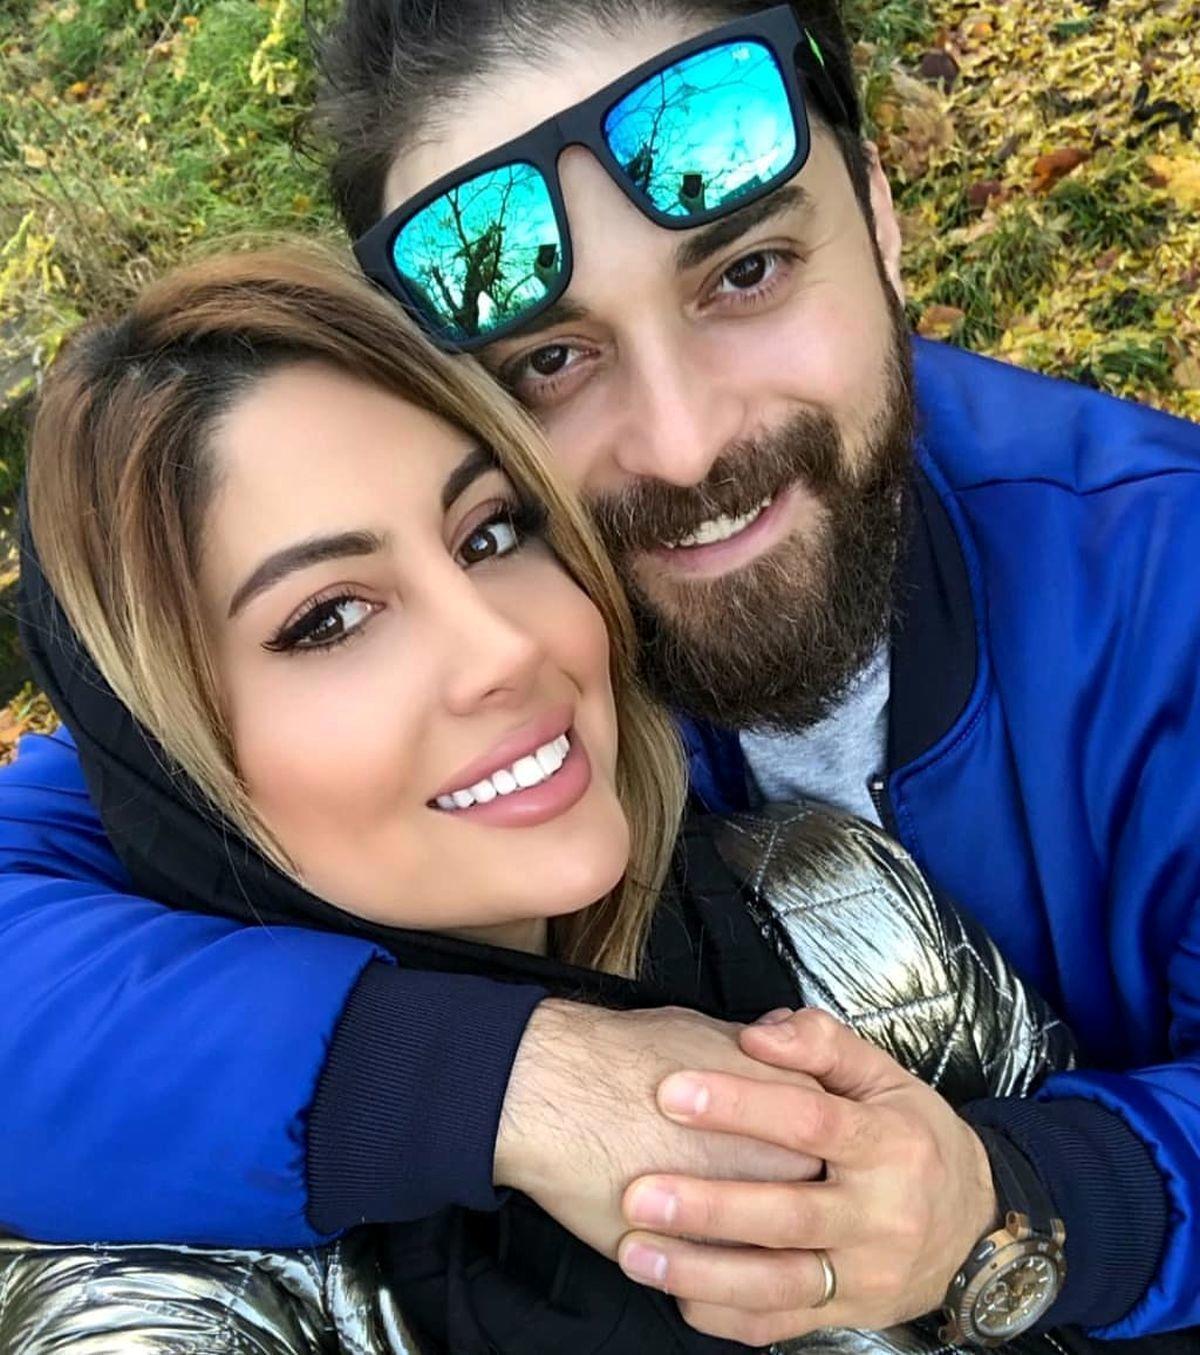 عمل زیبایی همسر بابک جهانبخش لو رفت + عکس